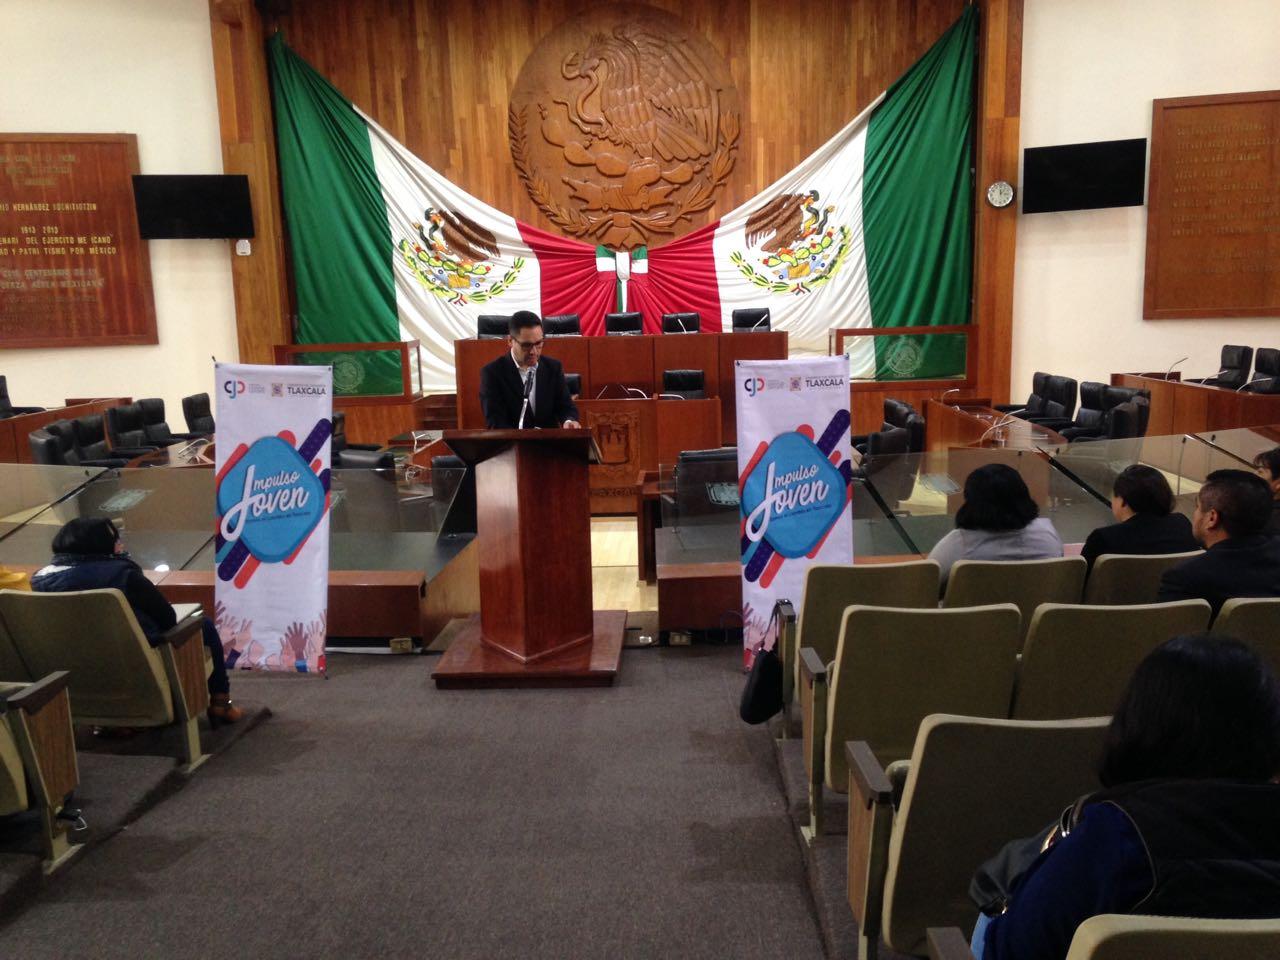 Llevan a cabo Foro de Análisis de la iniciativa de la Ley de la Juventud